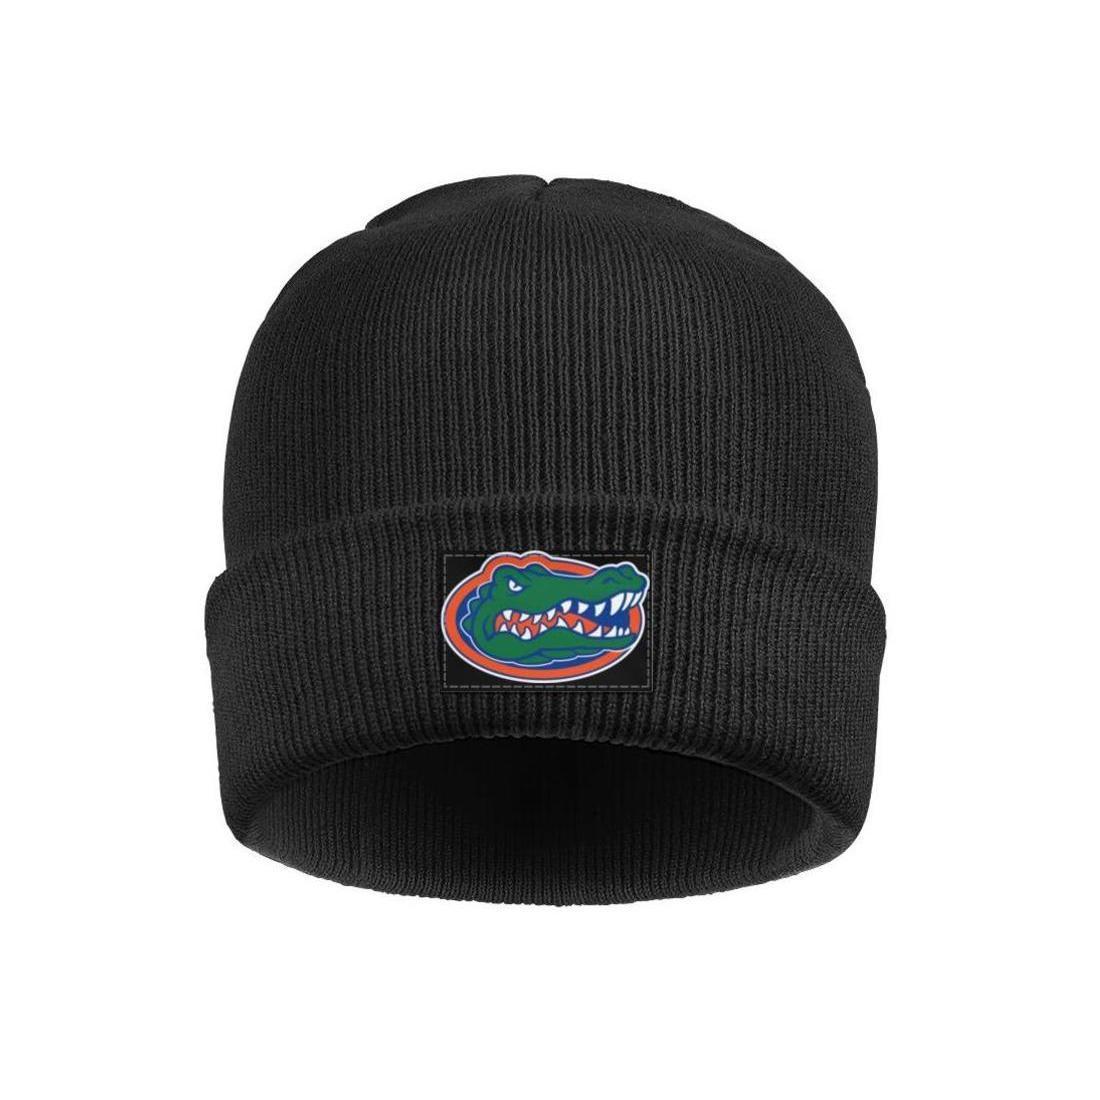 Mens Mujeres Florida Gators logotipo de fútbol caliente de las lanas del casquillo del invierno que hacen punto gorrita tejida blanca redonda del logotipo de camuflaje